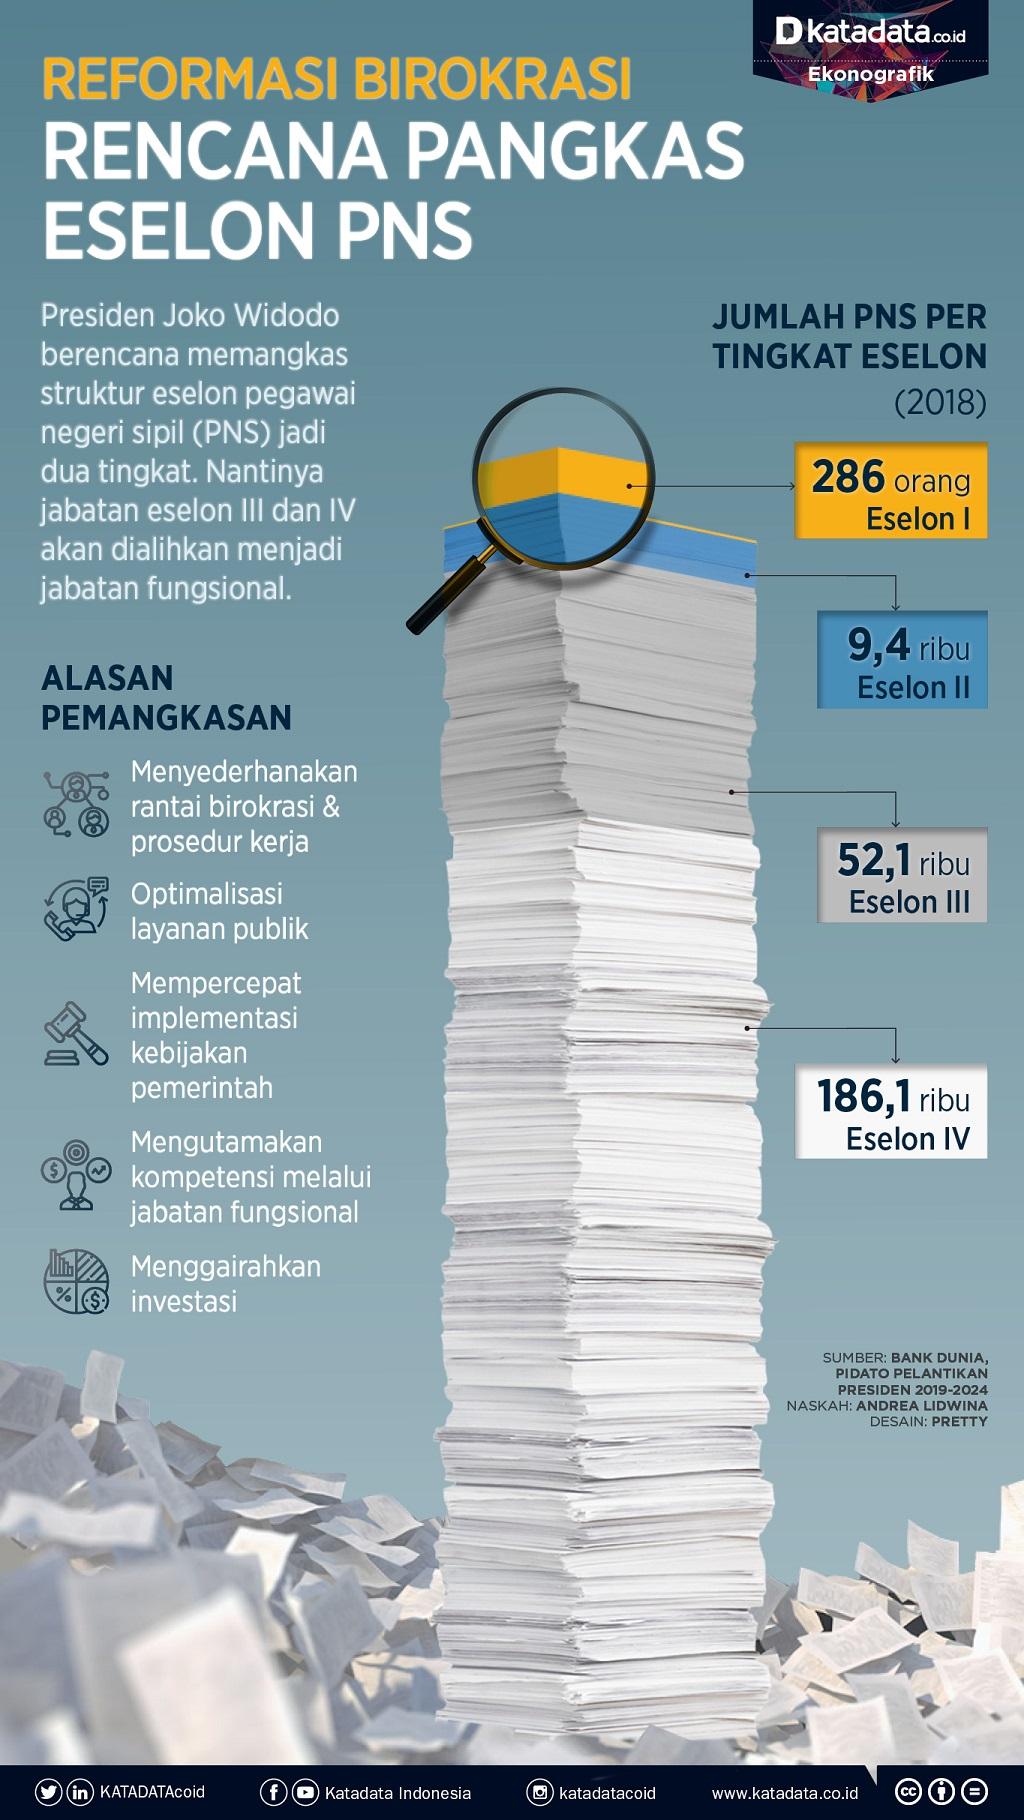 Reformasi Birokrasi, Jokowi Pangkas Jabatan Eselon PNS